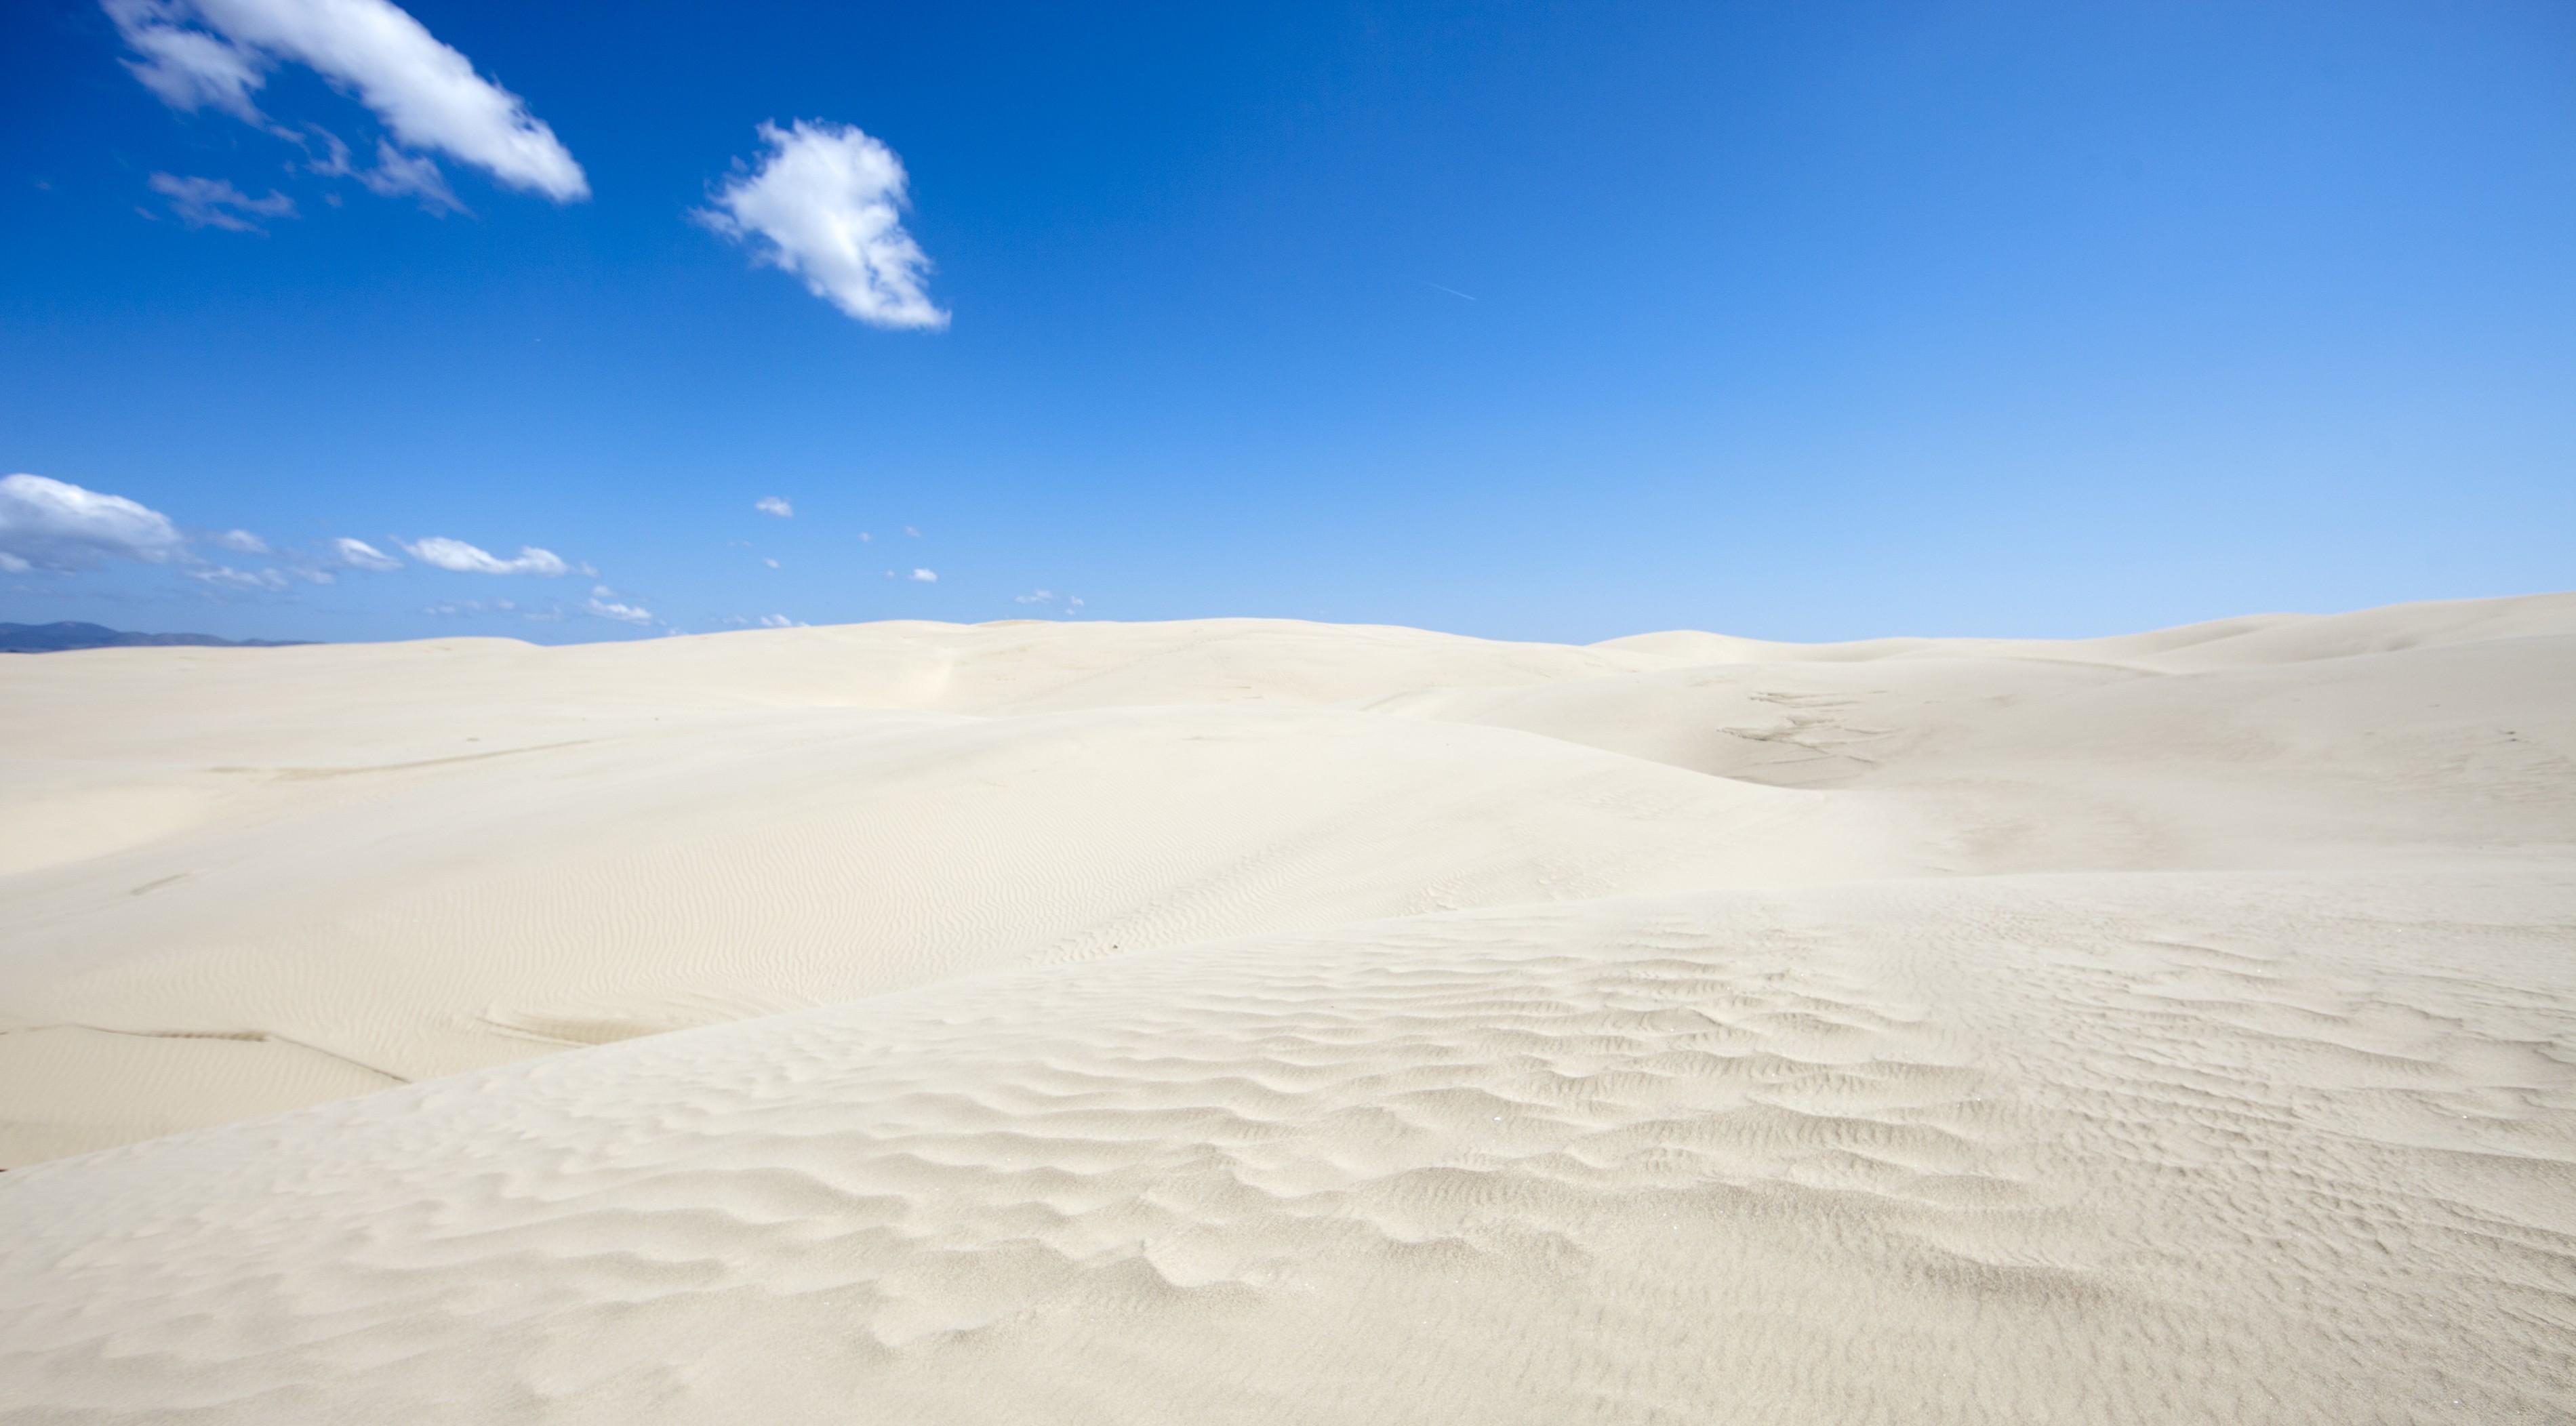 небо песок месяц  № 3914364 загрузить